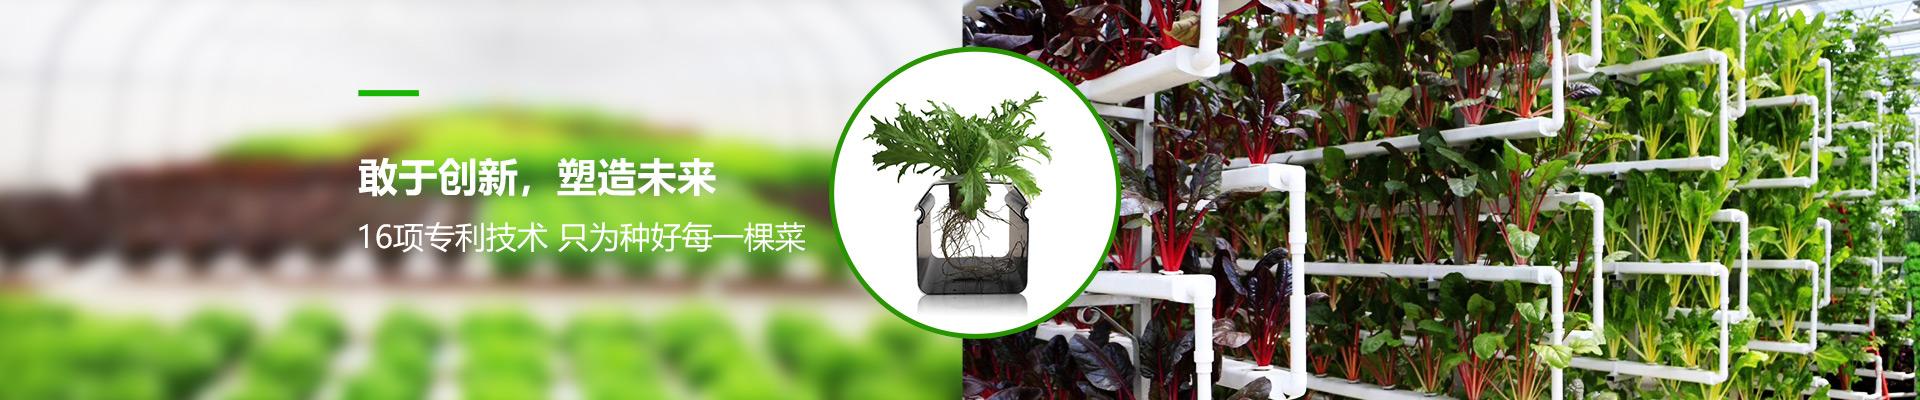 荣成农业水培装置-16项专利技术 只为种好每一棵菜